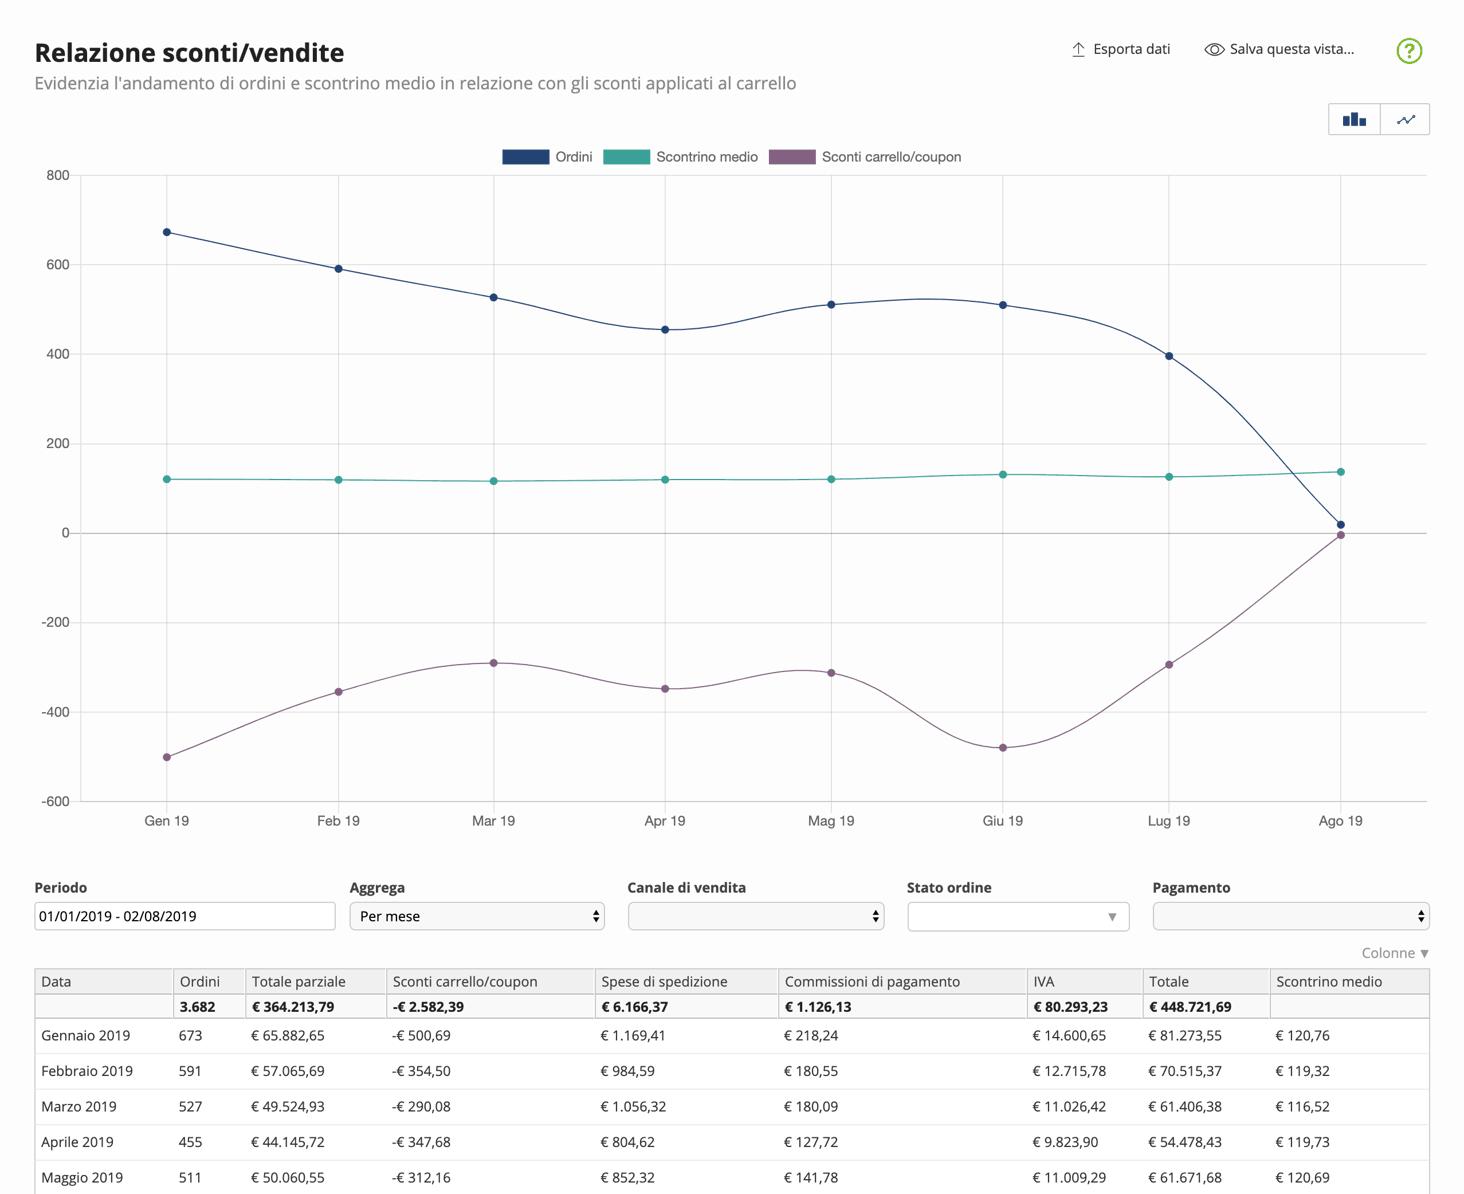 report-relazione-sconti-vendite-1